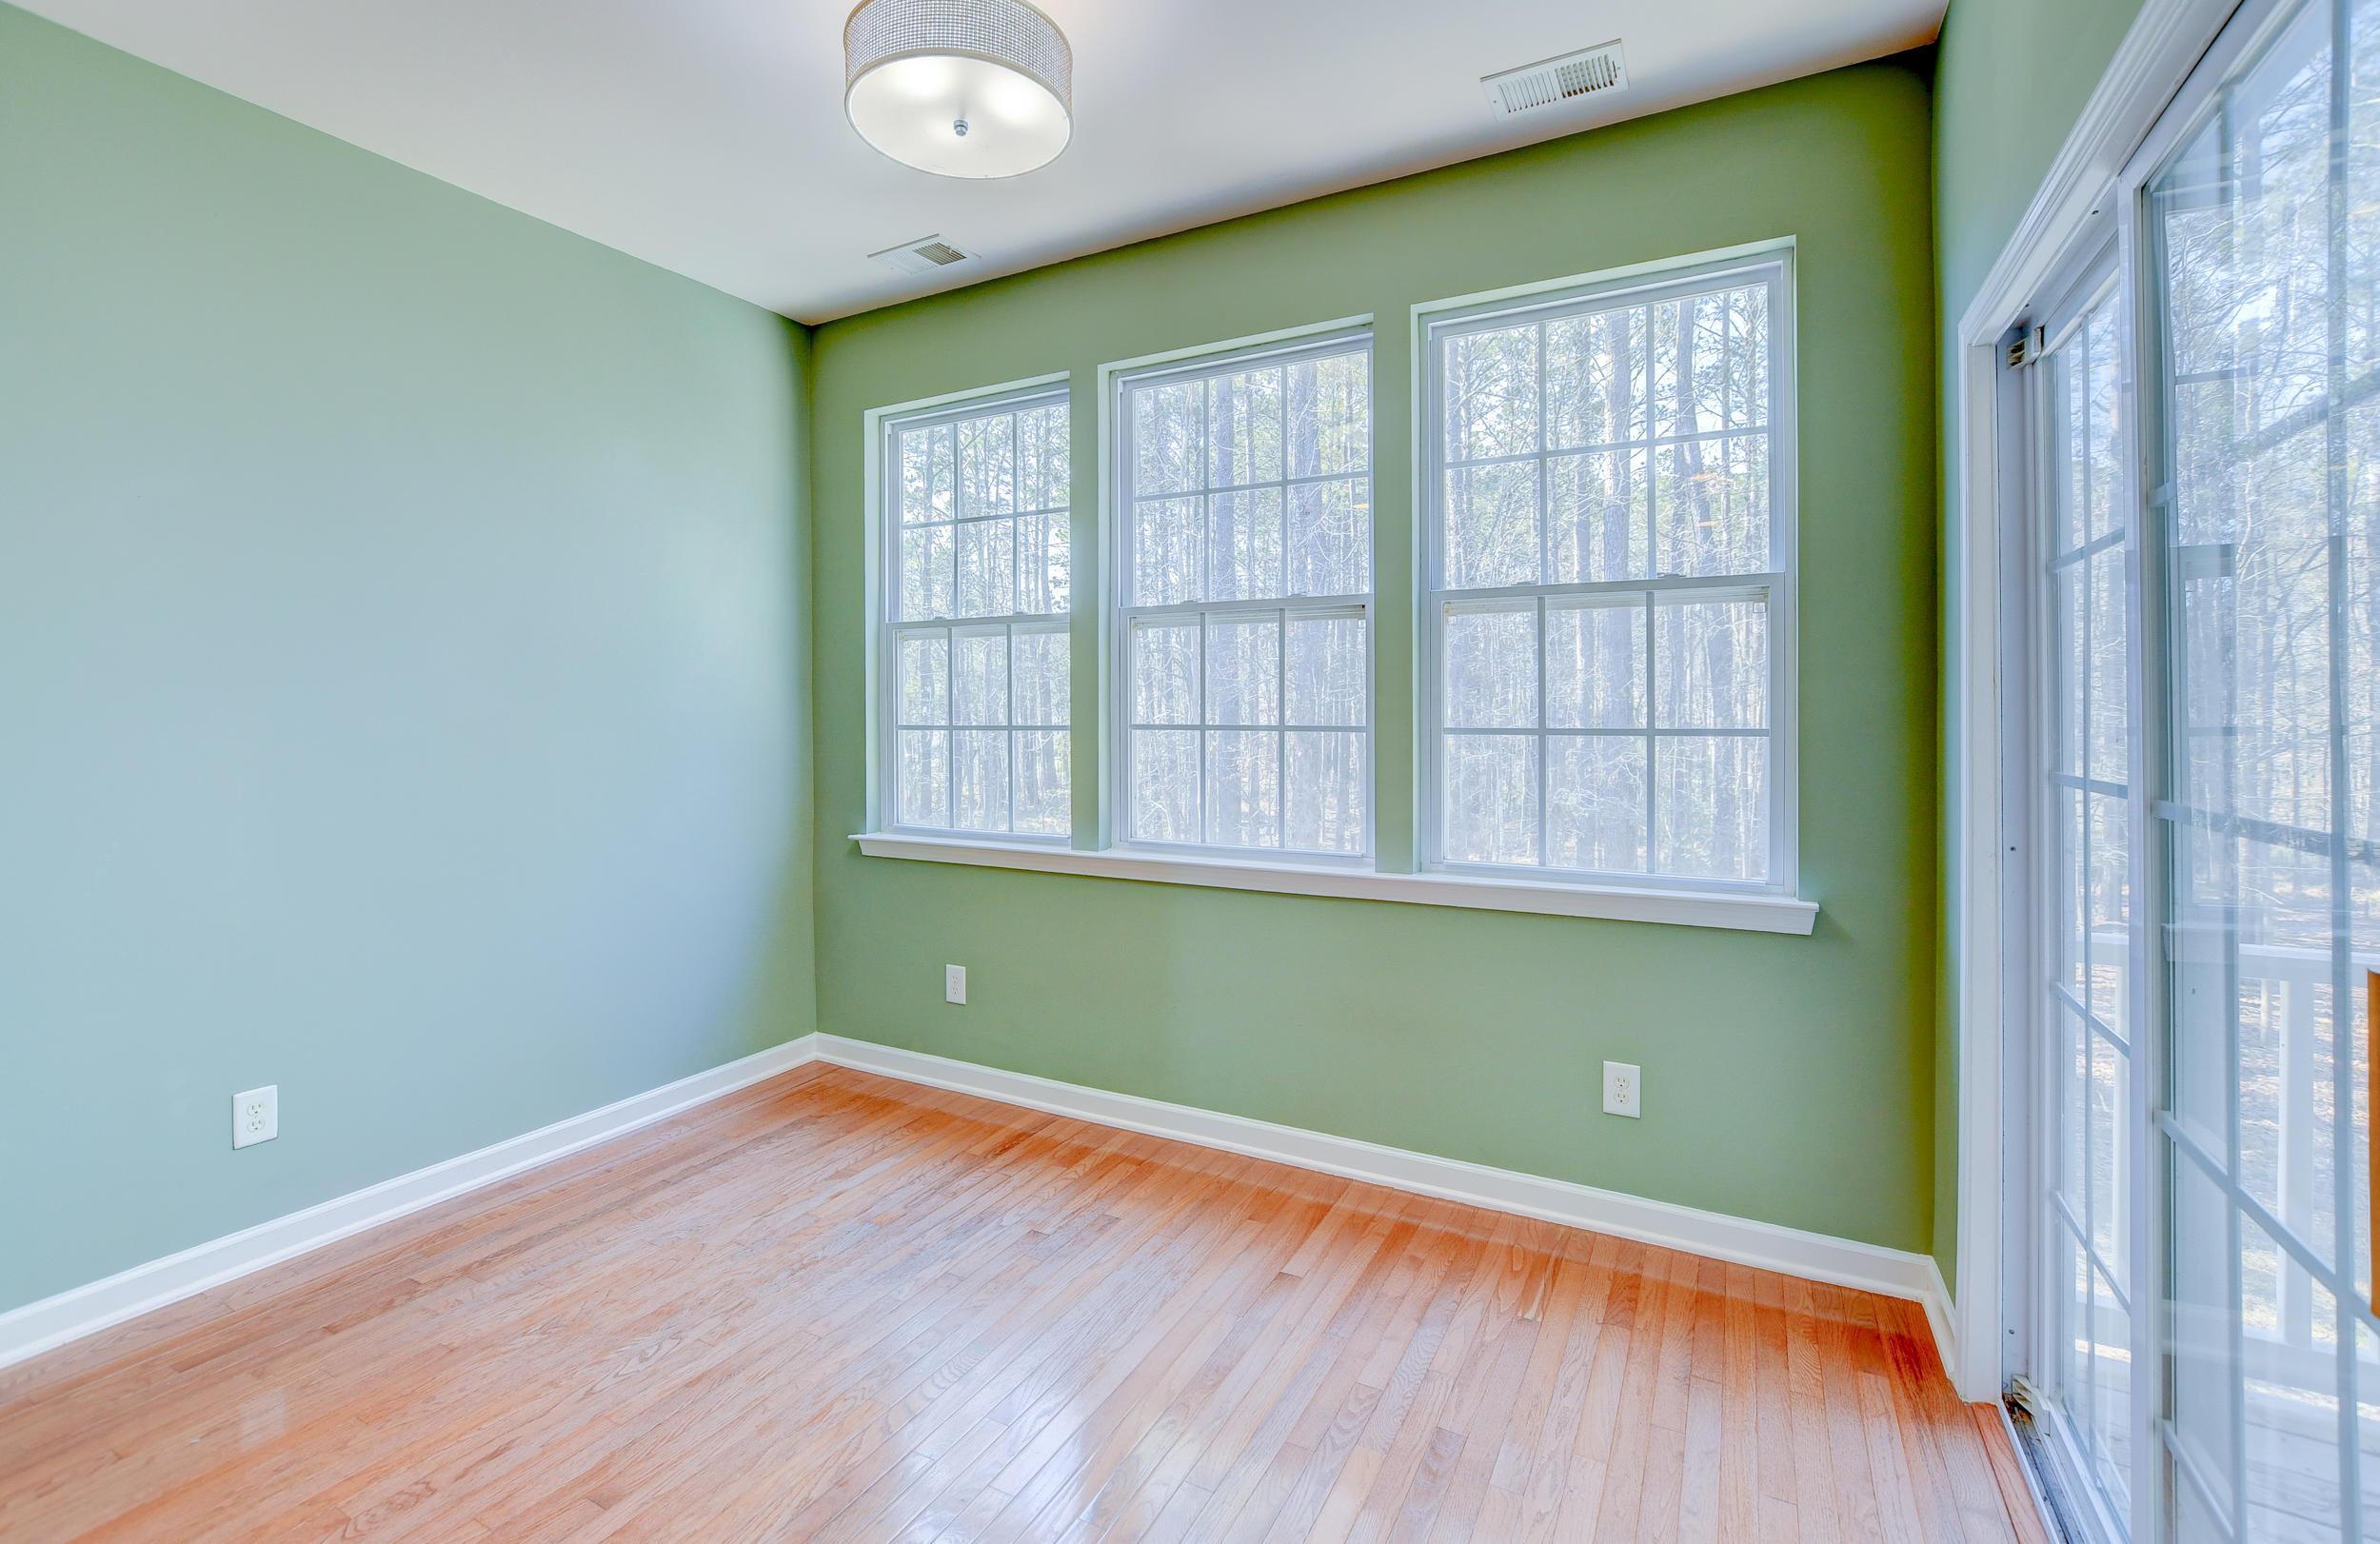 Park West Homes For Sale - 3545 Claremont, Mount Pleasant, SC - 45